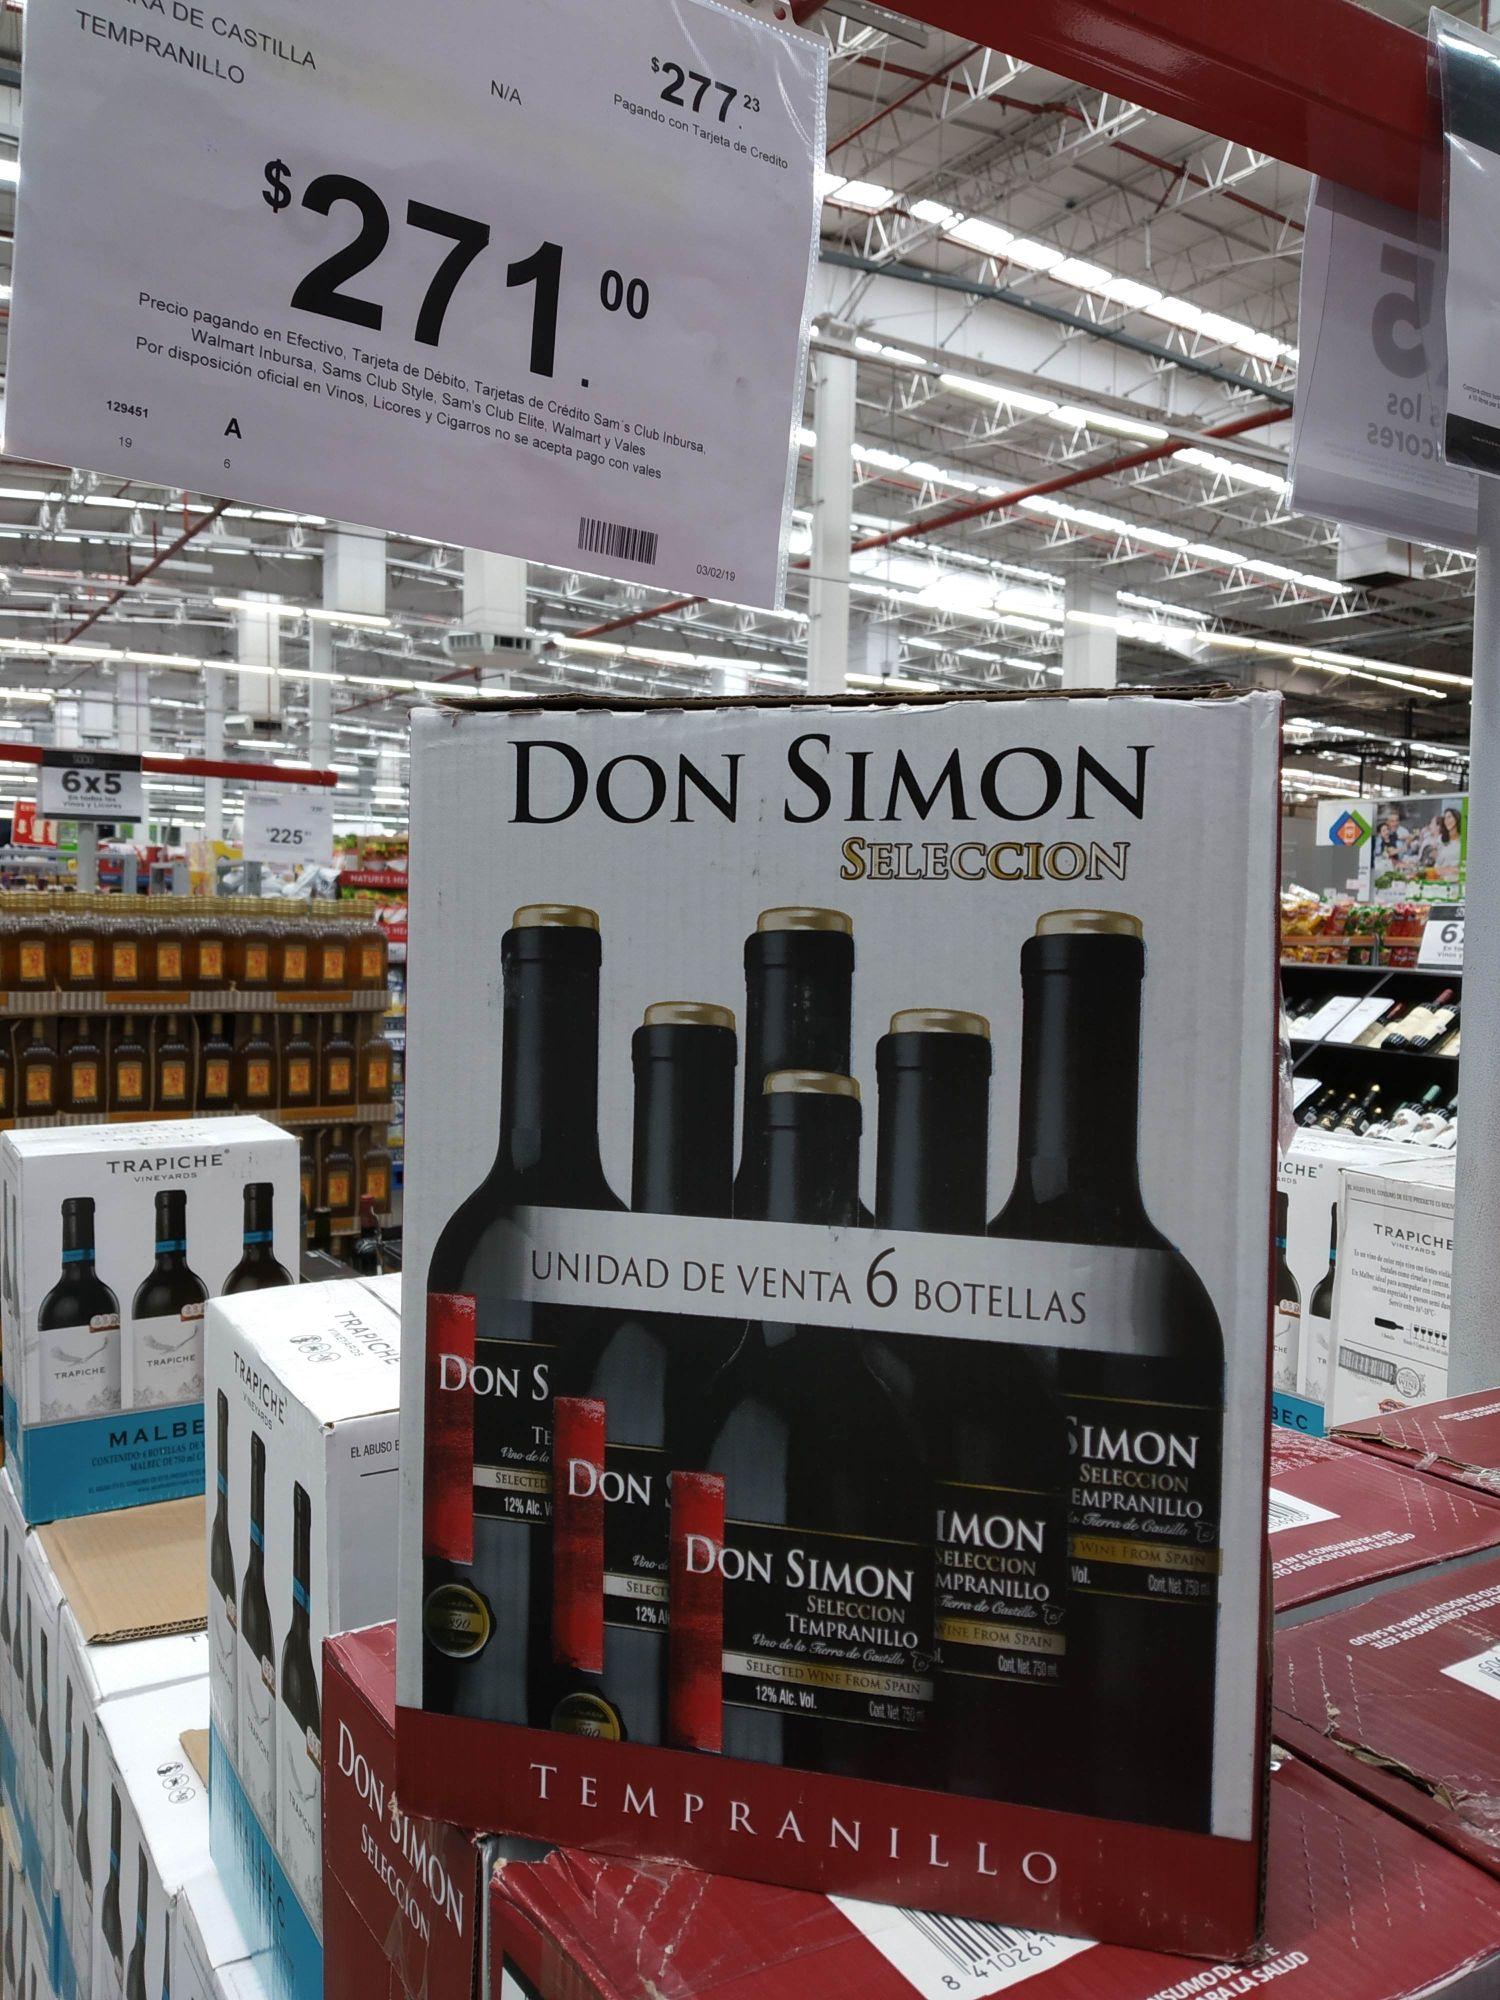 Sam's club: 6 botellas de vino tinto 750ml Don Simon selección tempranillo